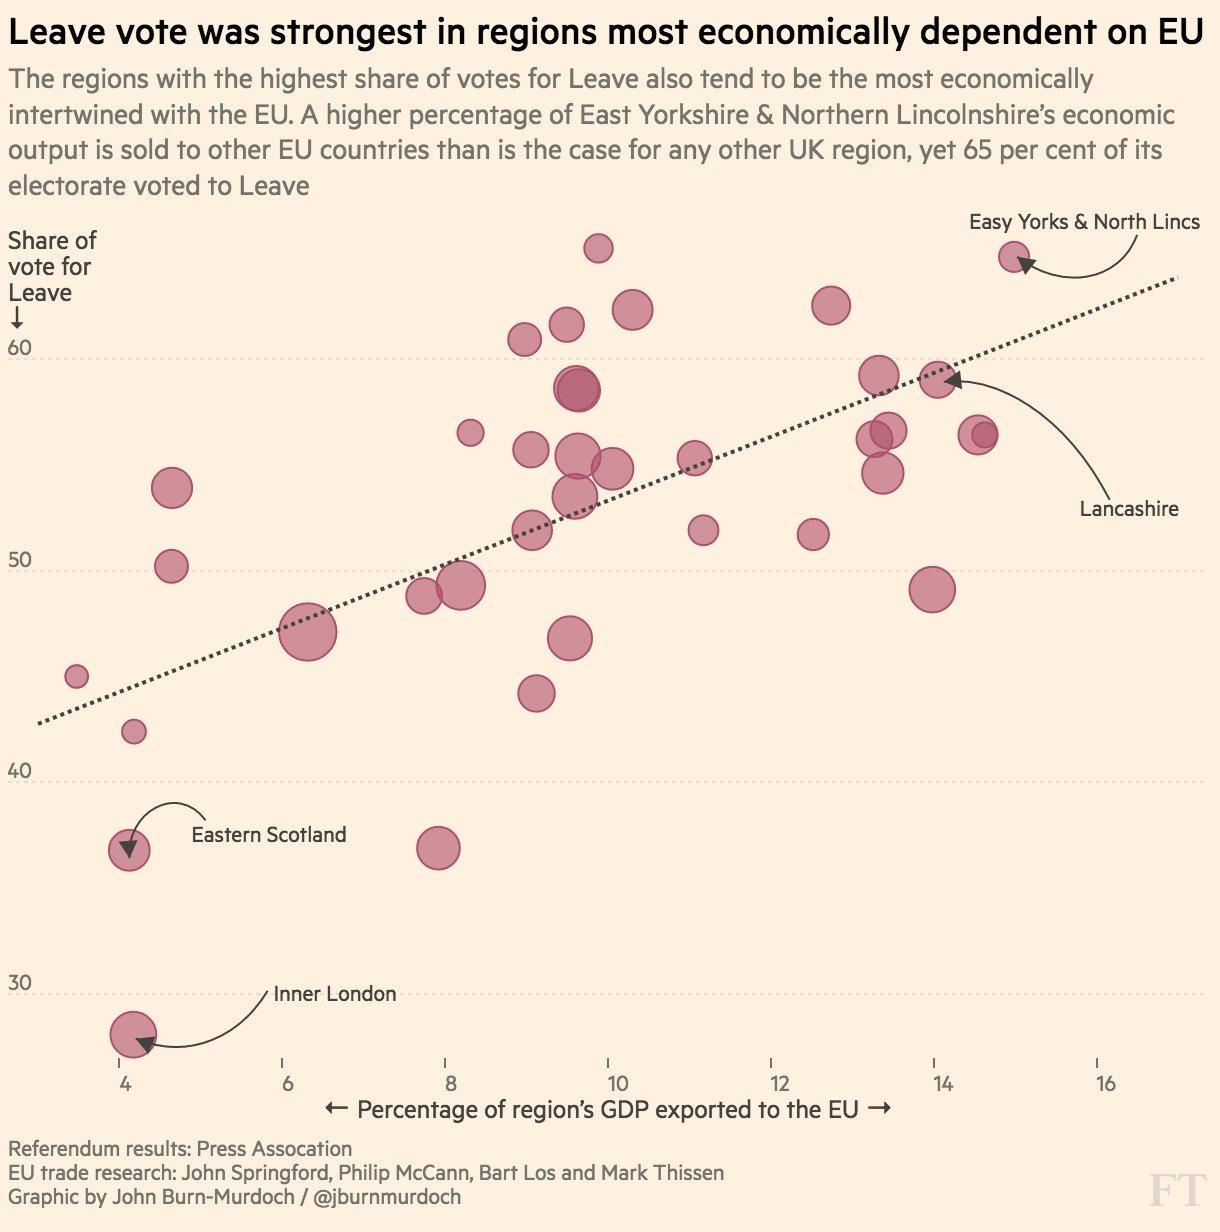 Az EU-ból való kilépésre voksolók aránya az adott brit régió által az EU-ba exportált kibocsátáshoz viszonyítva.